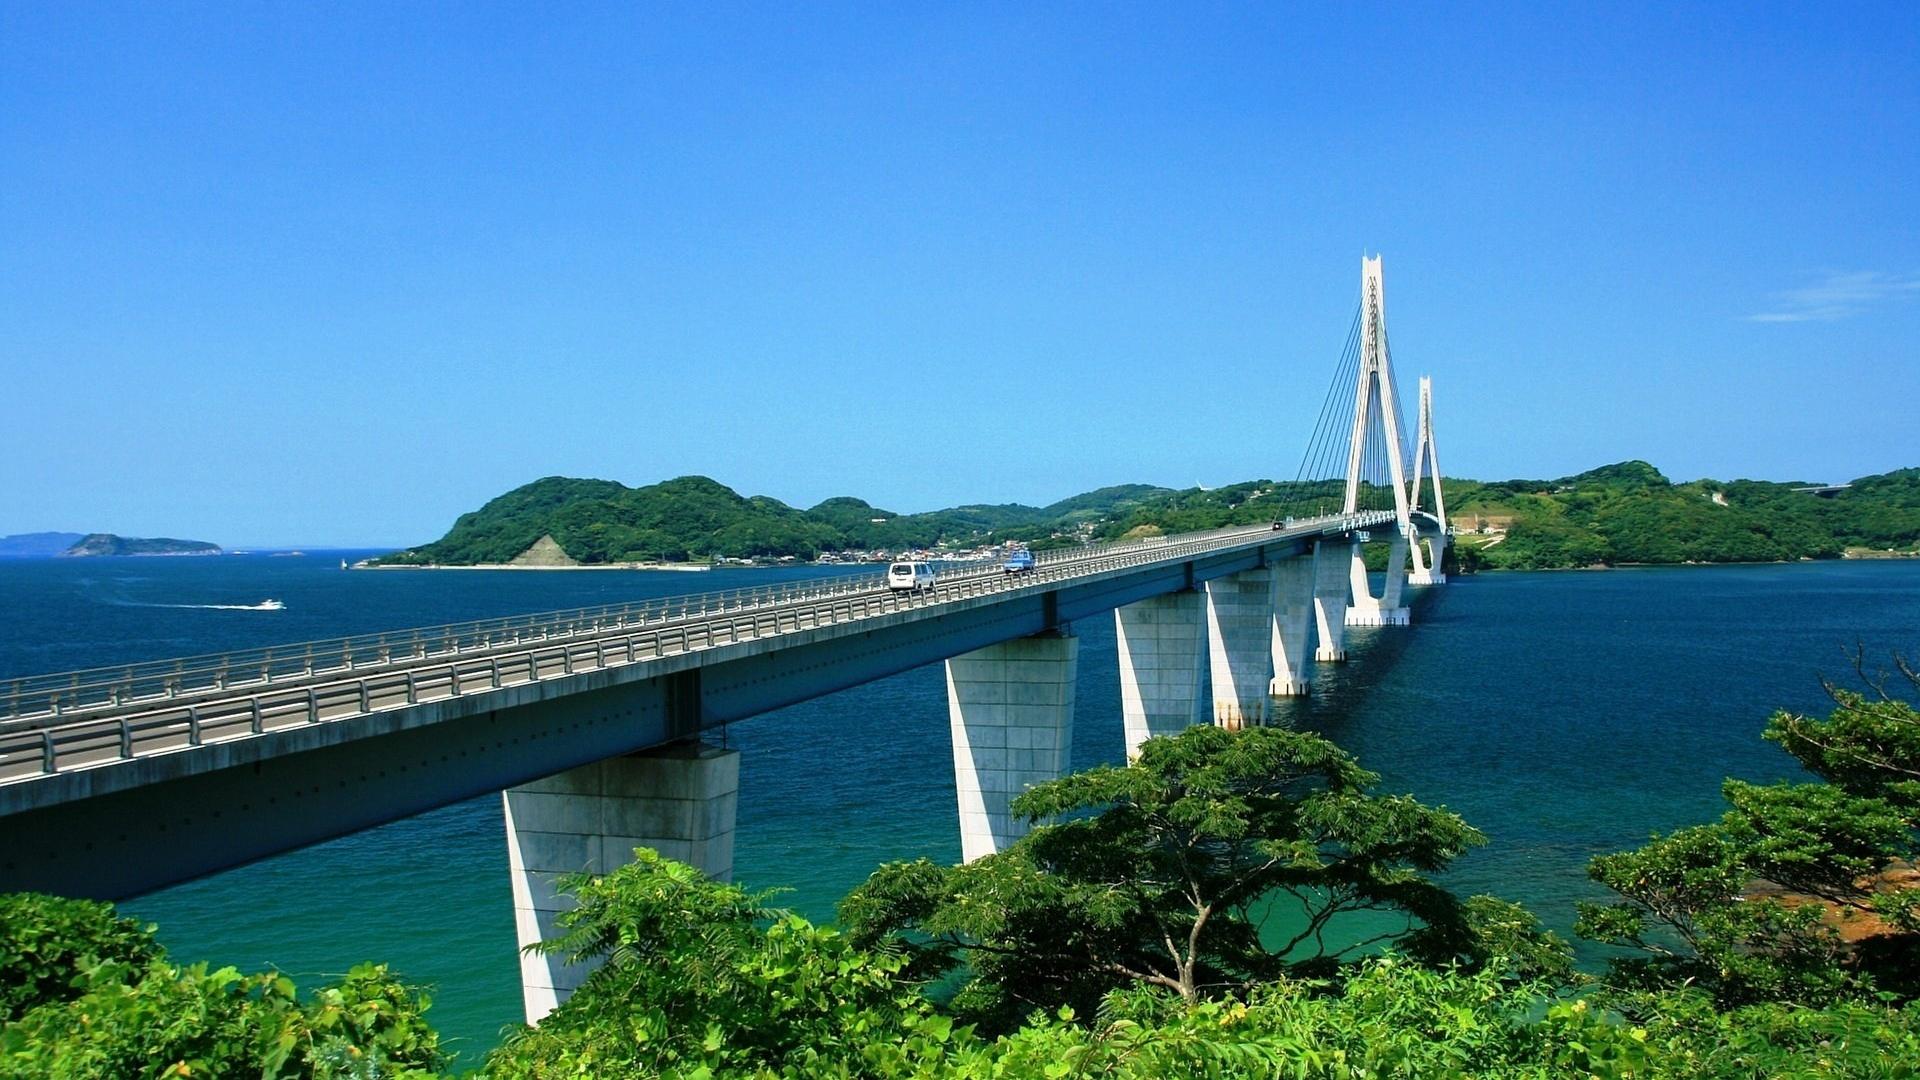 Город мост через реку  № 3713201 загрузить